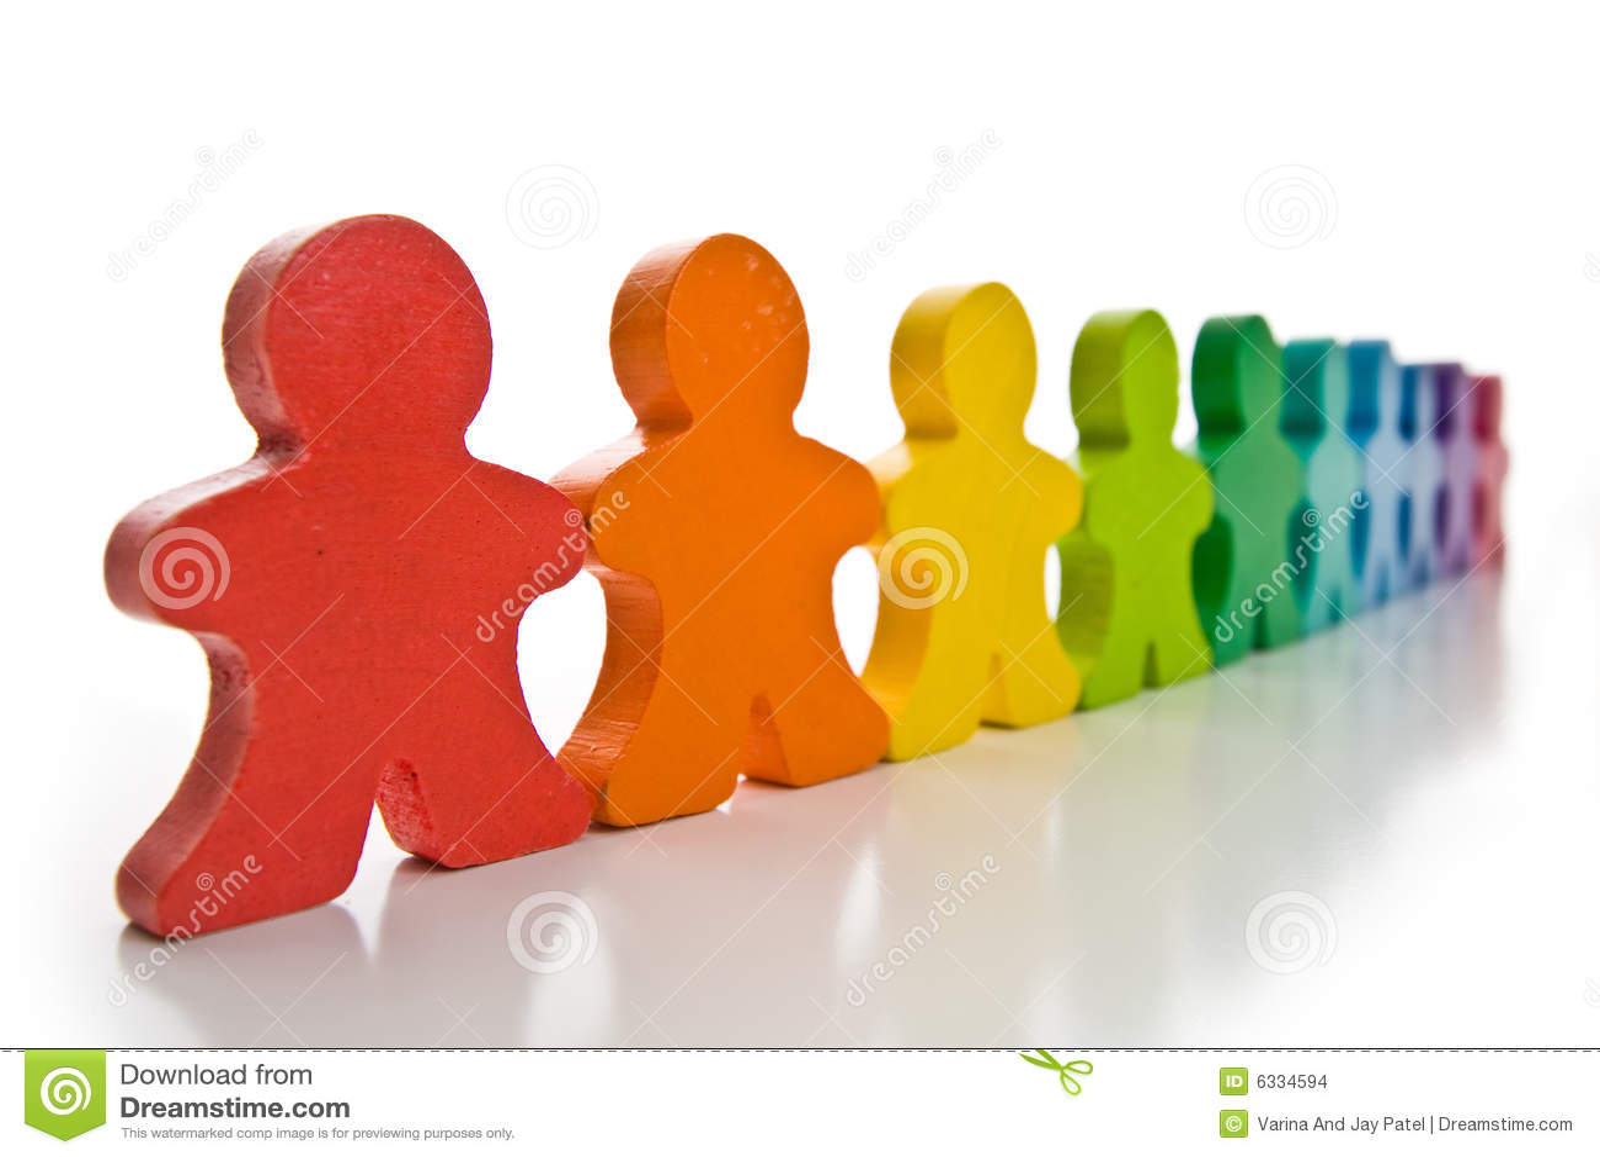 玩具塑胶玩具小班1300_957幼儿园塑料我会搭积木v玩具反思图片